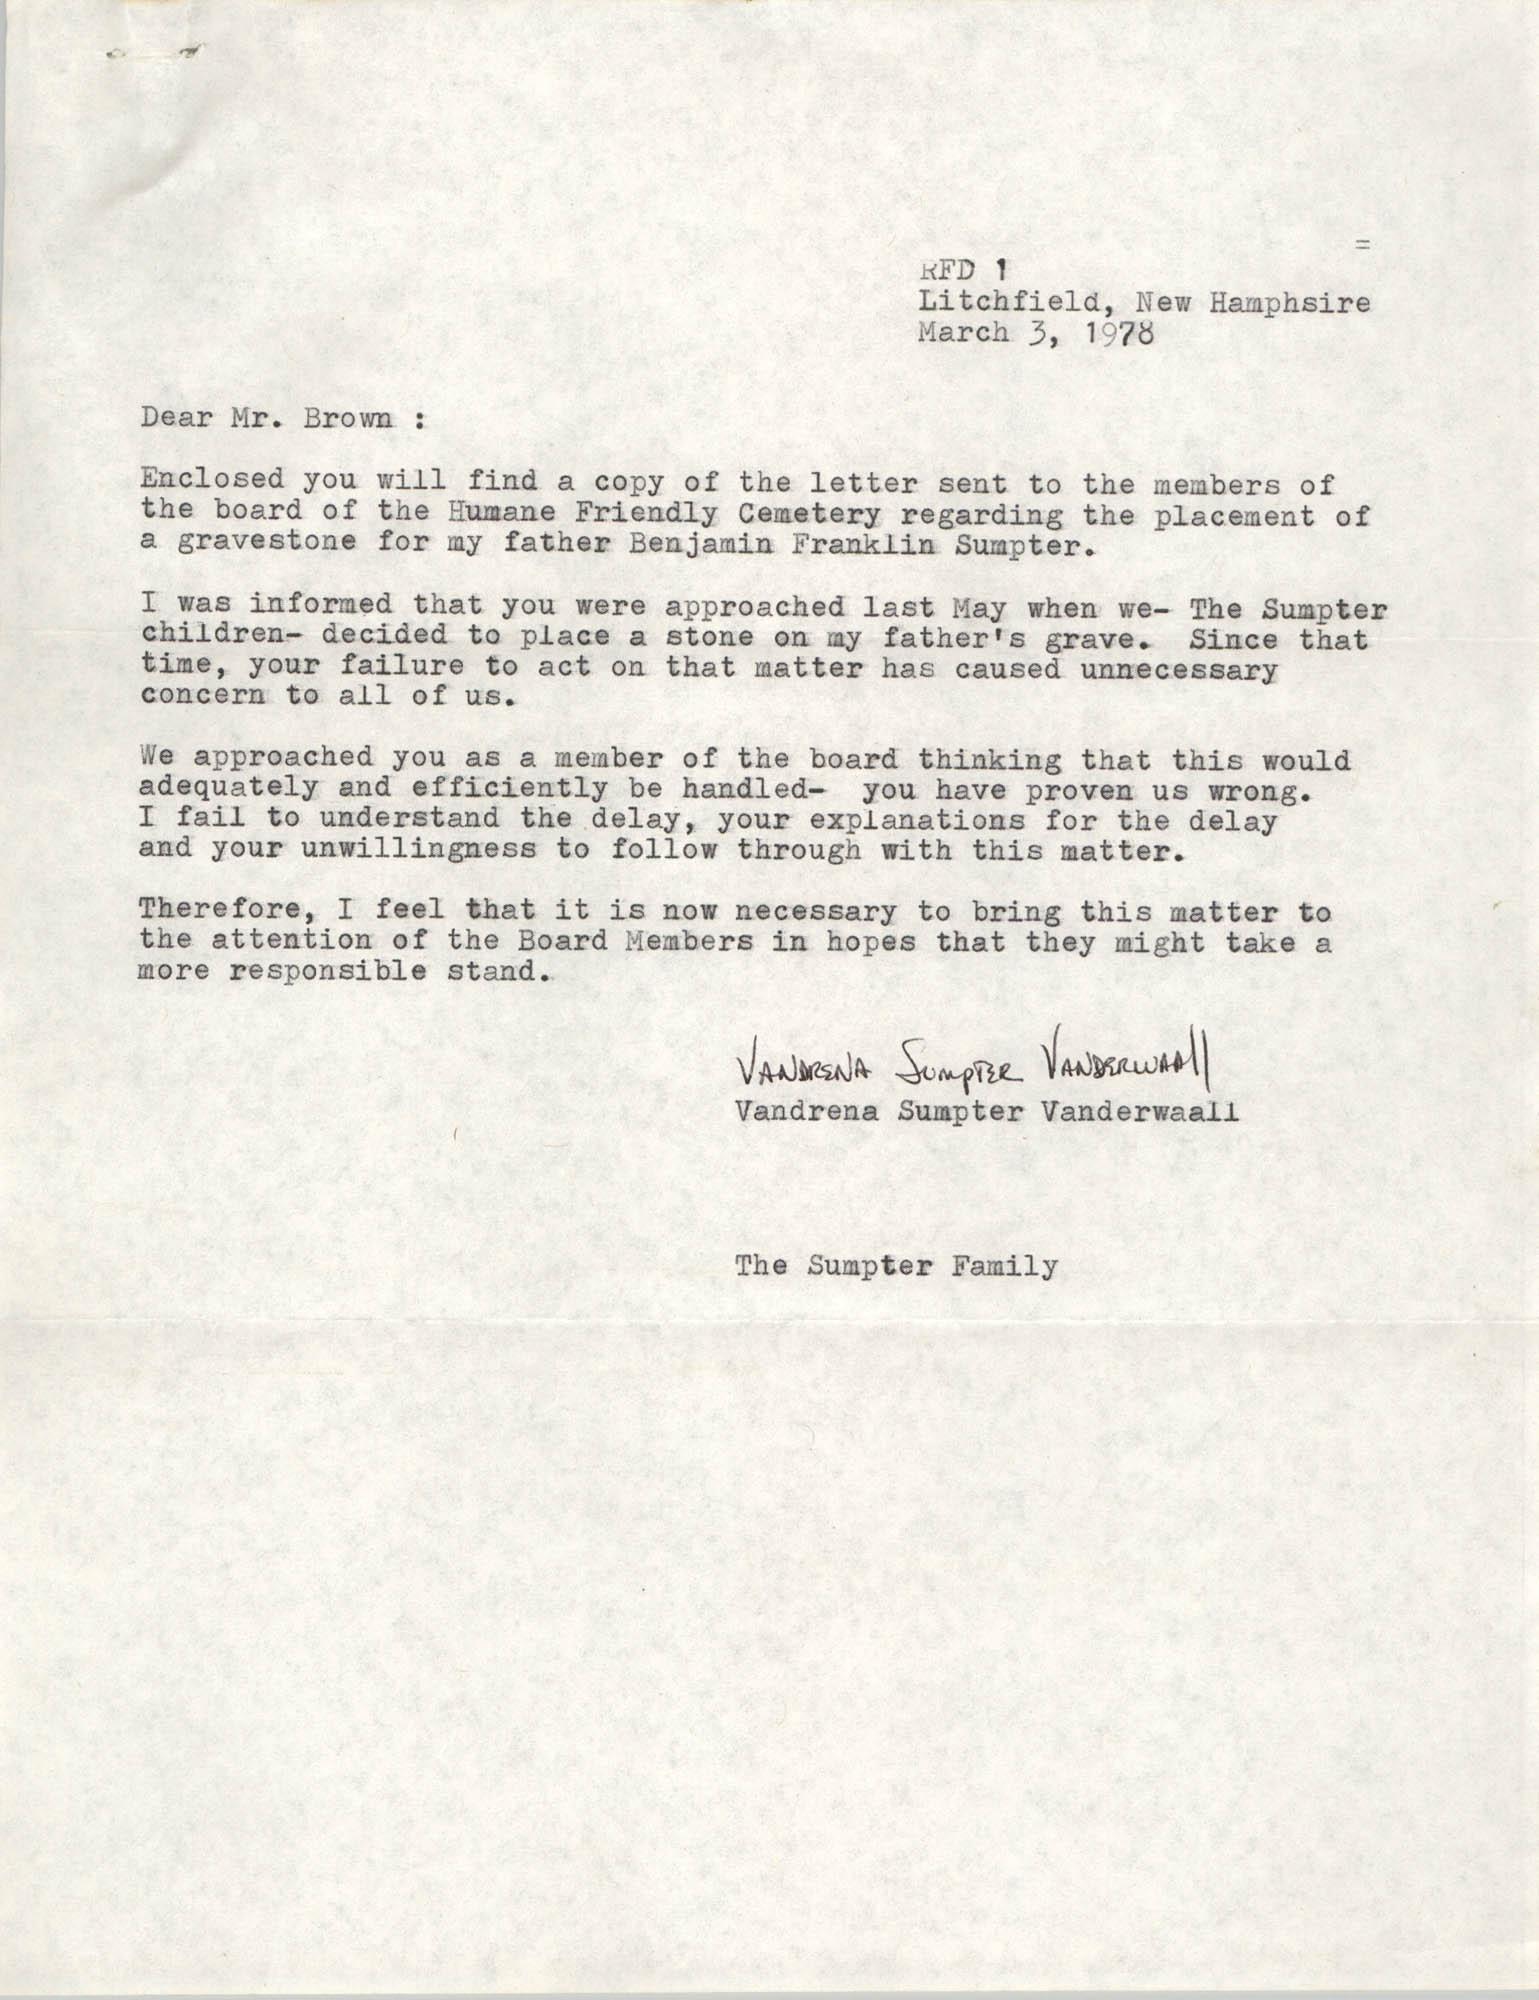 Letter from Vandrena Sumpter Vanderwaall to J. Arthur Brown, March 3, 1978